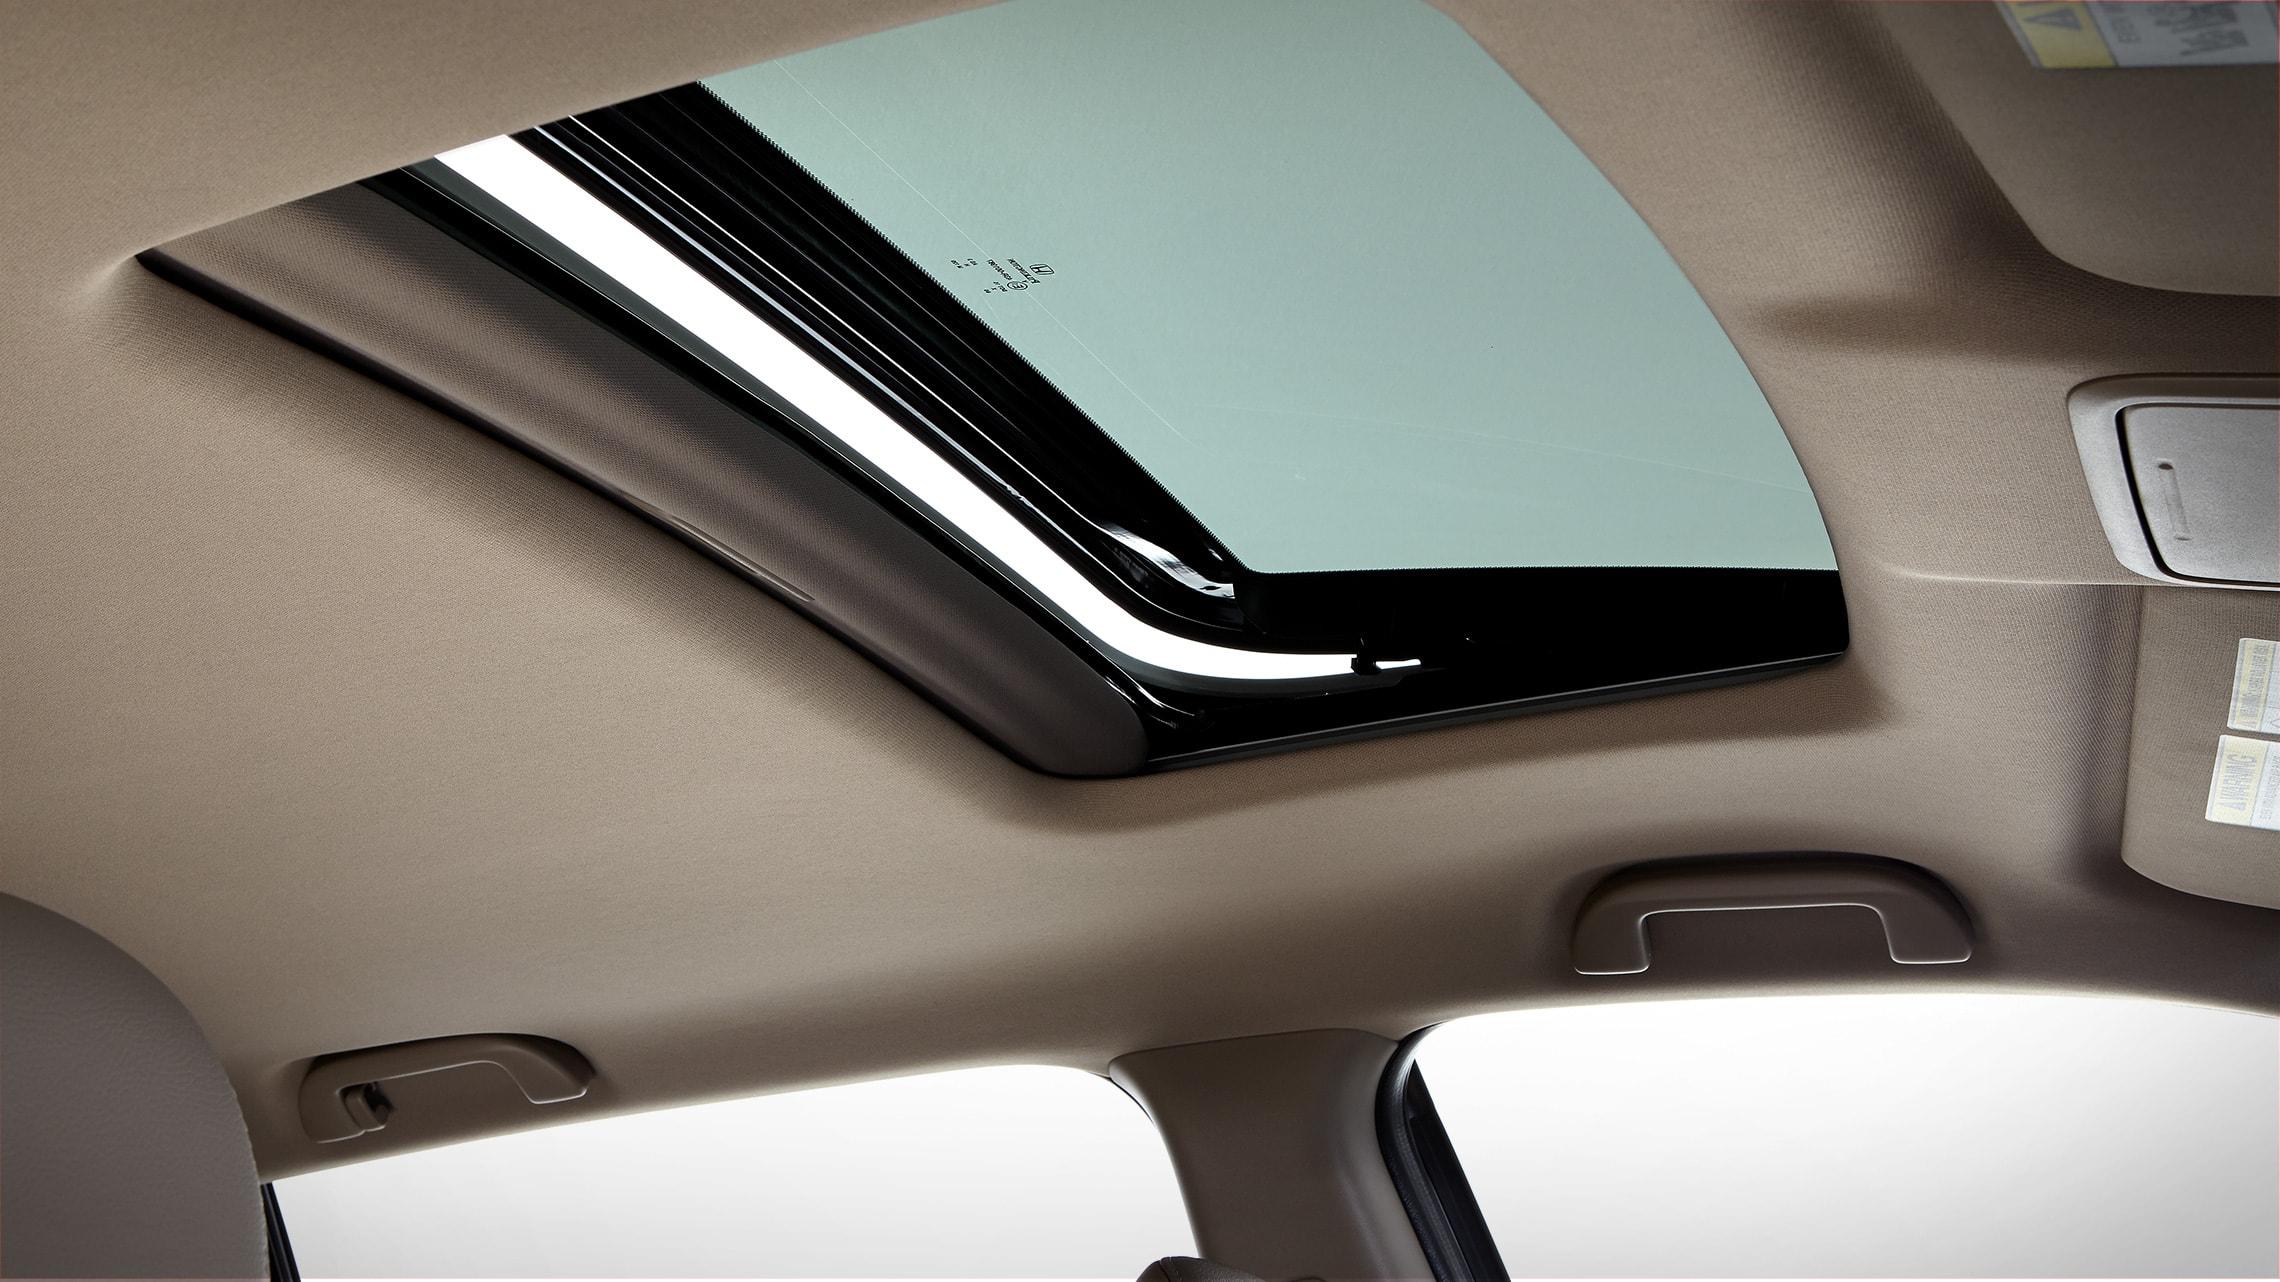 Detalle de la activación del techo corredizo con un toque en la Honda Ridgeline ETL-E 2020 con cuero Beige.